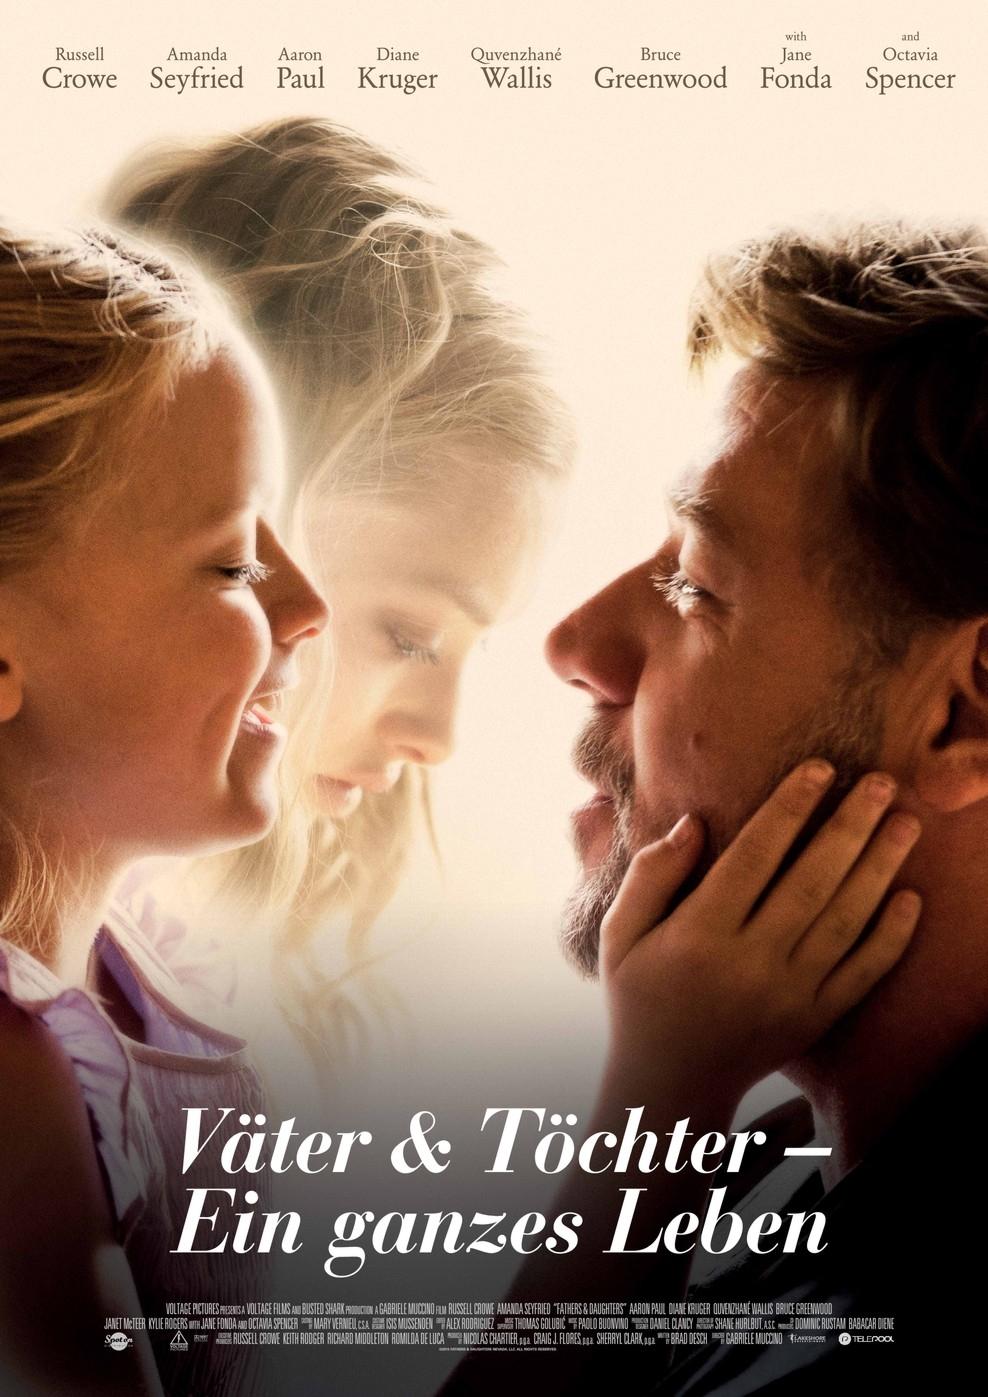 Väter & Töchter - Ein ganzes Leben (Poster)